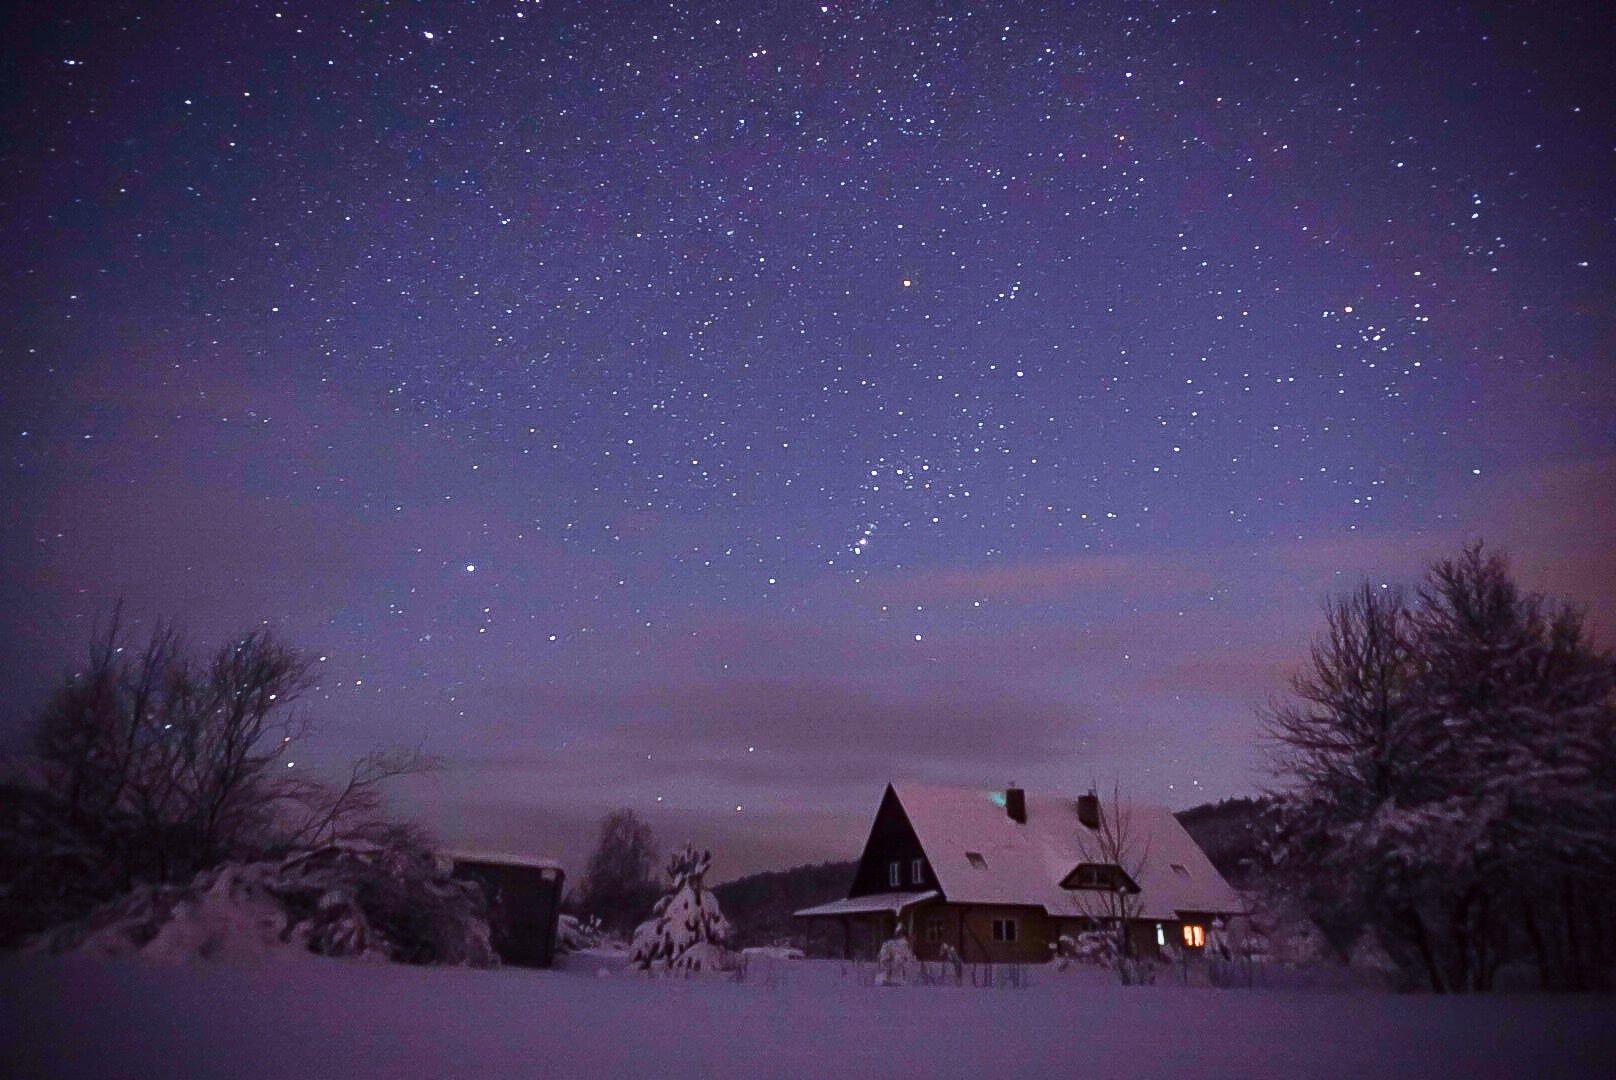 Nocne, zimowe niebo wfotografii Adama 6